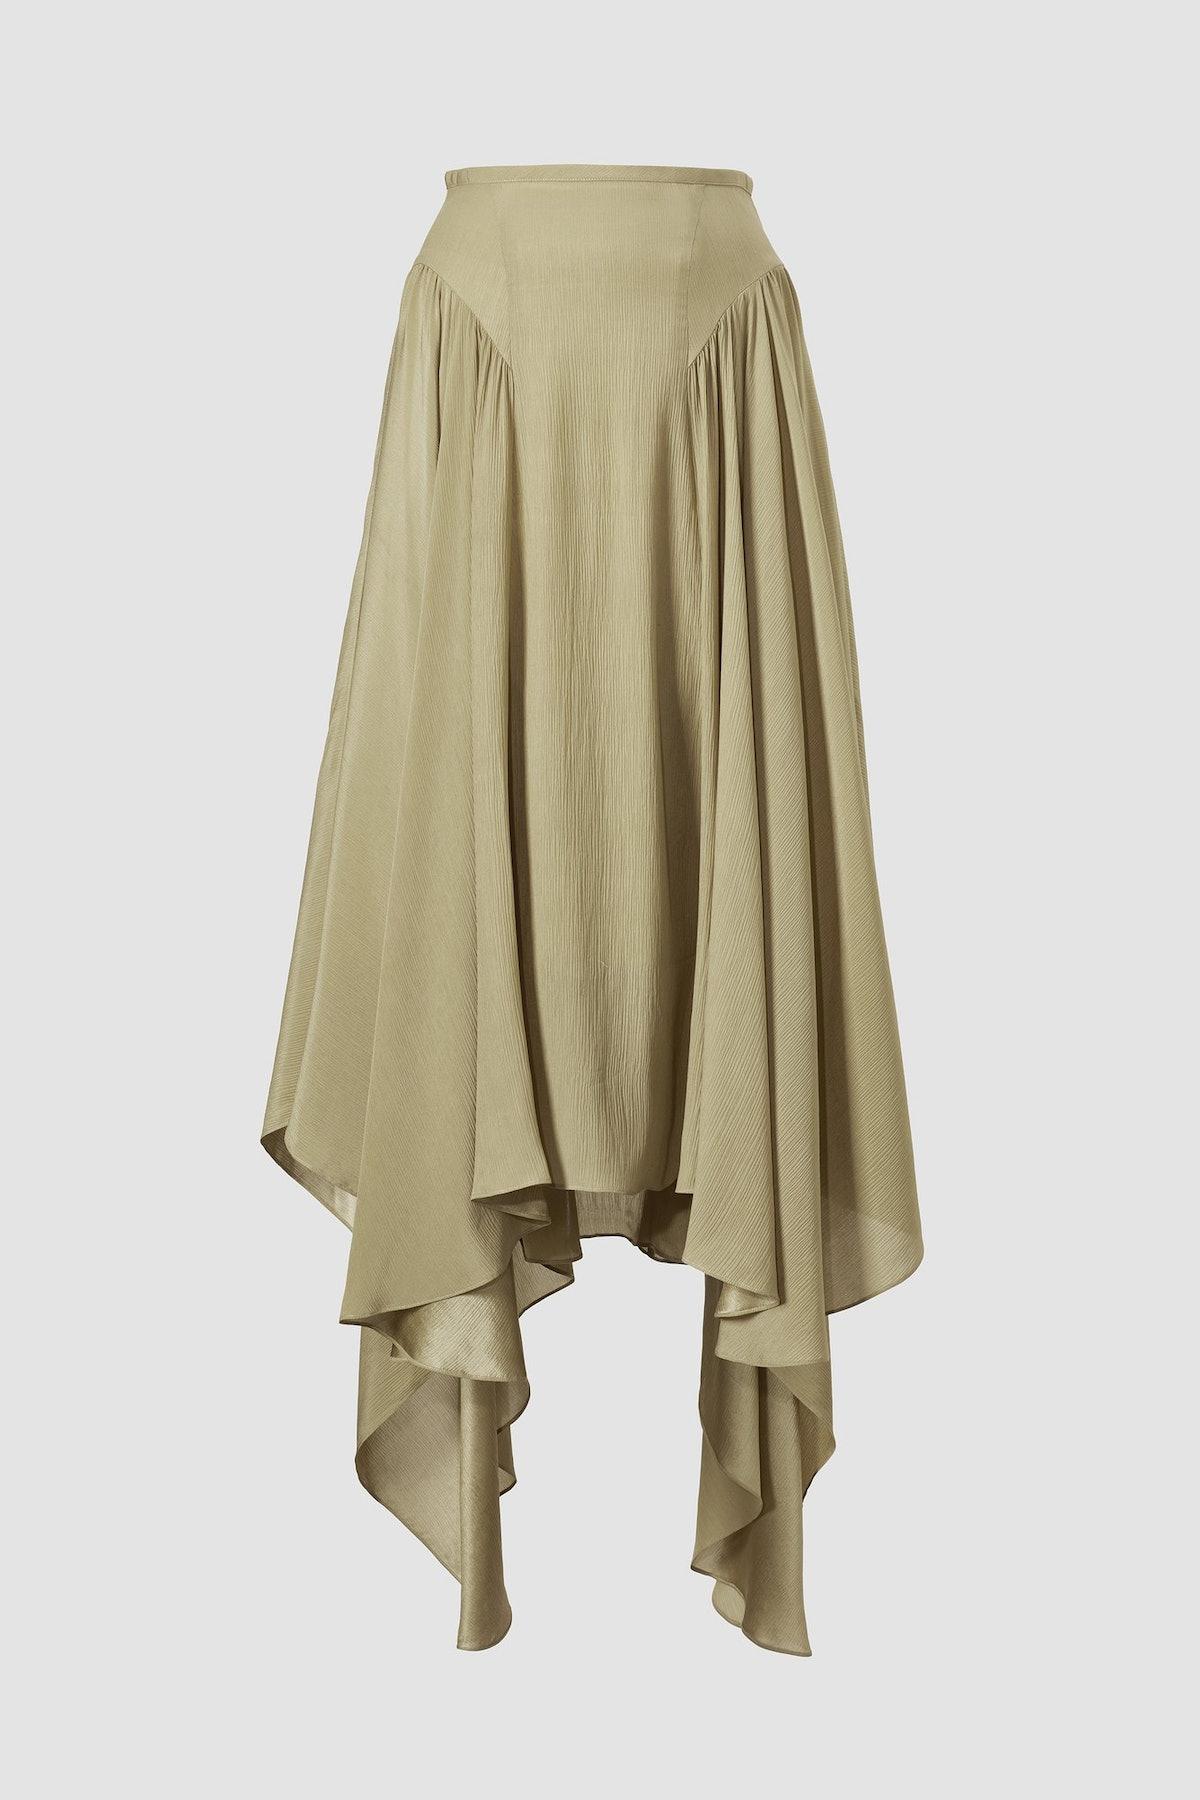 The Arbor Skirt